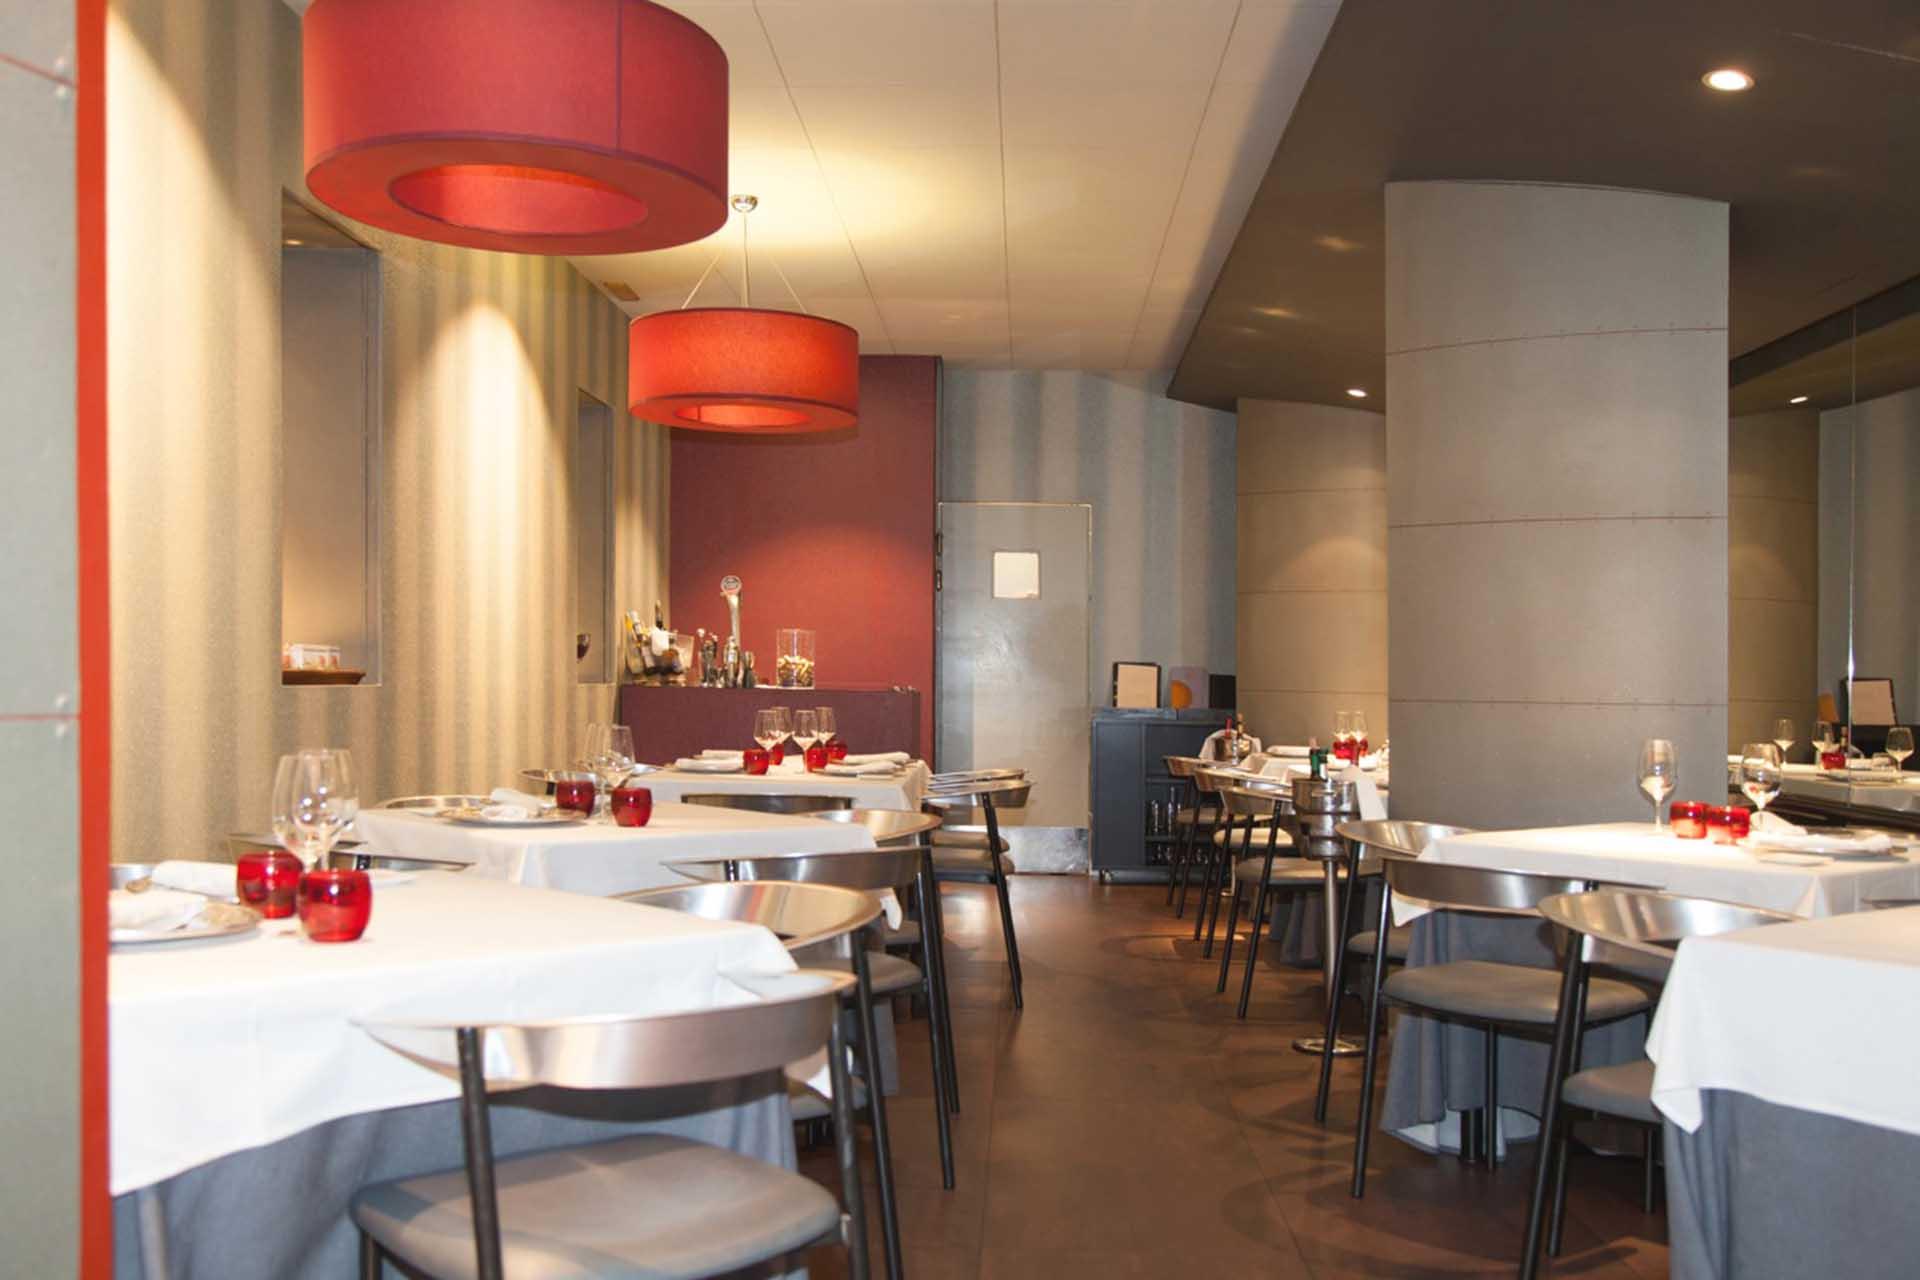 restaurante-3-1-1-1.jpg